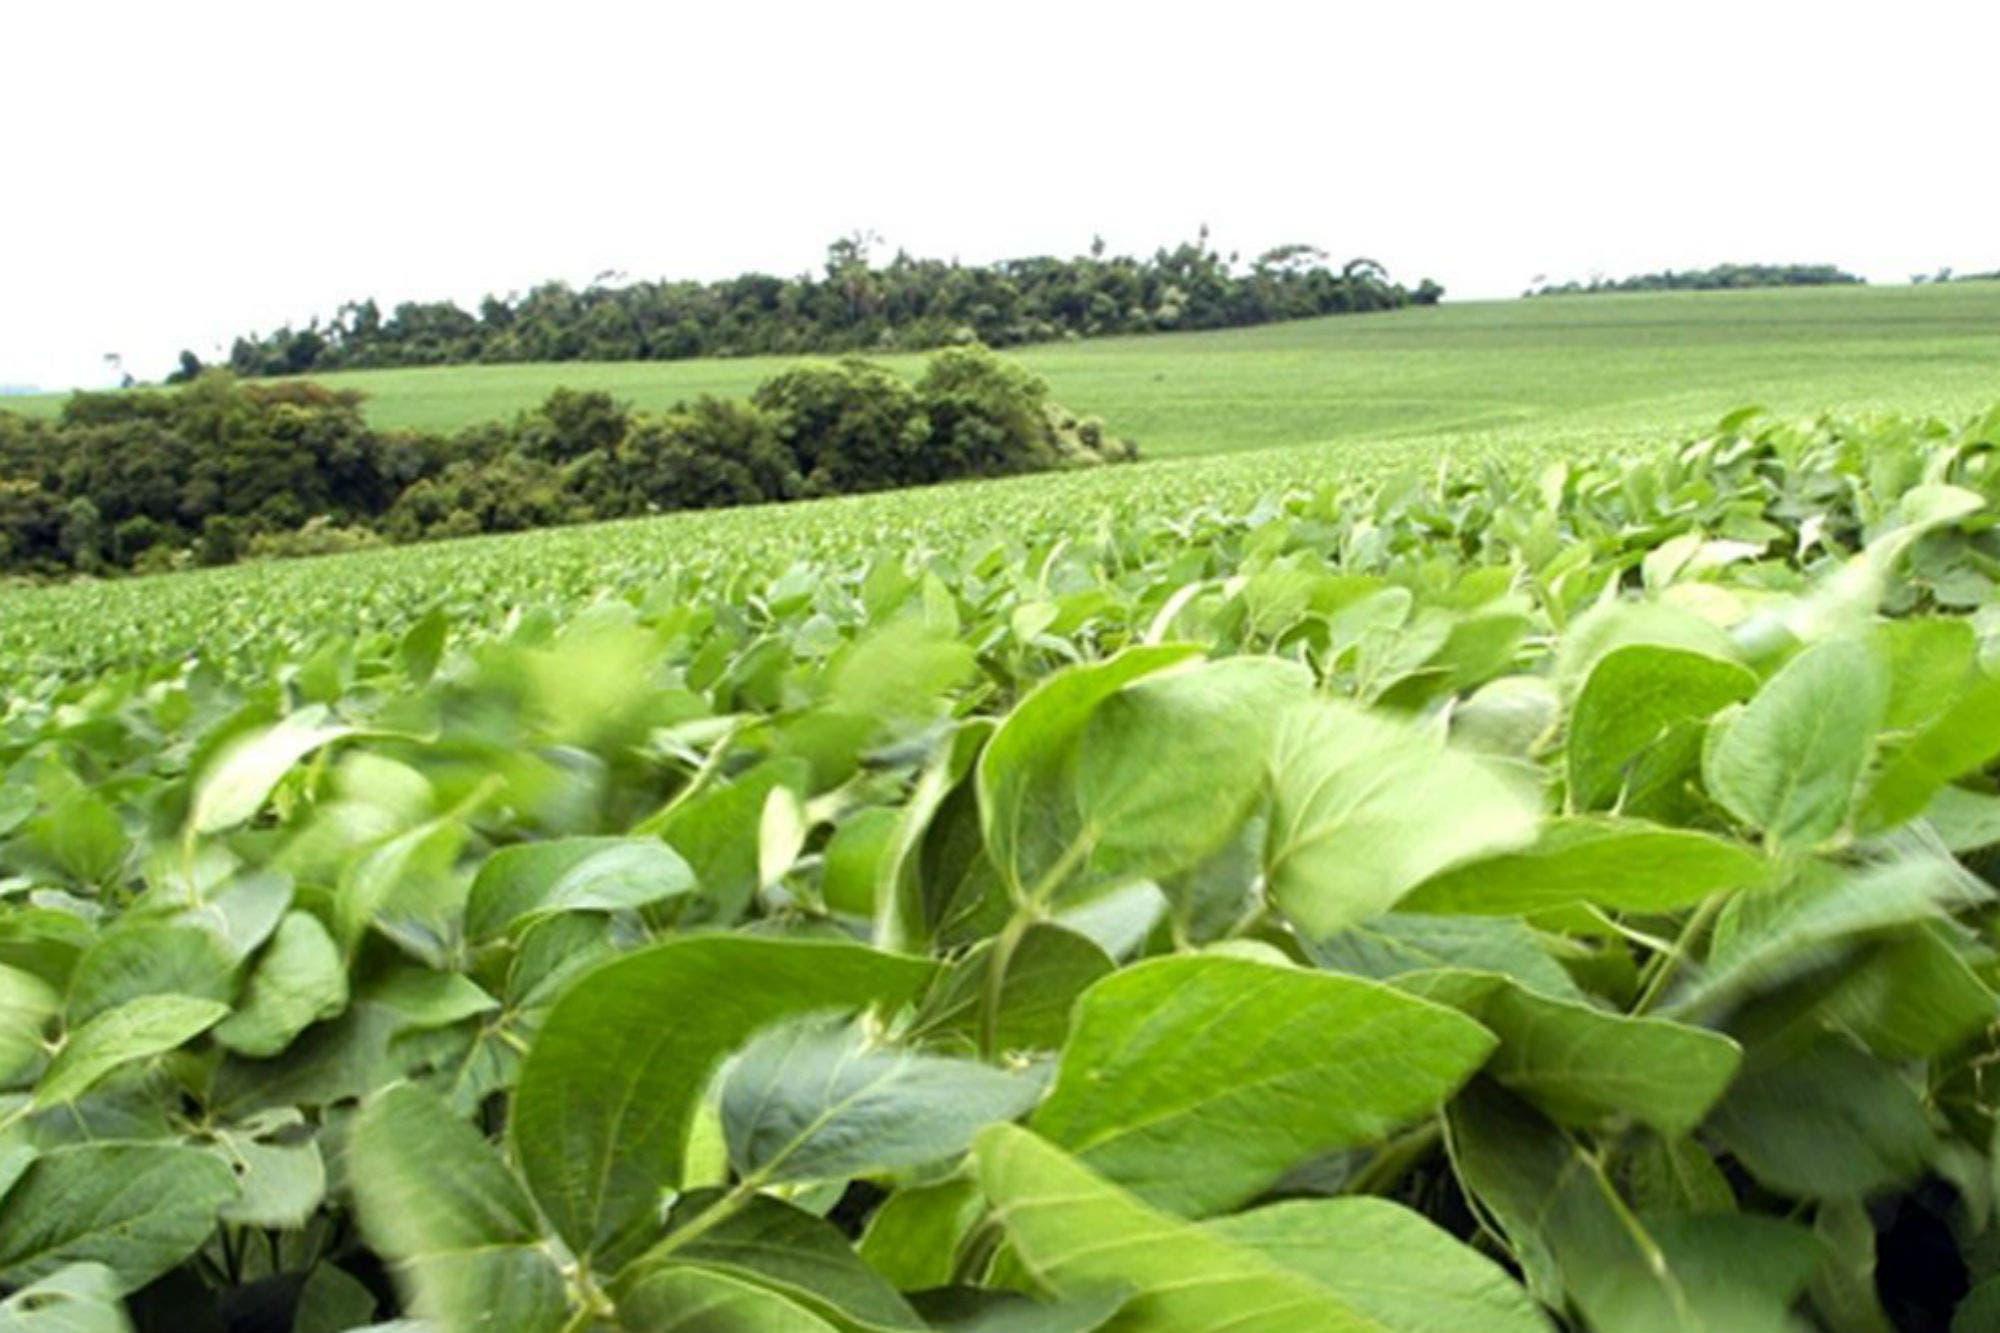 Según un informe, hoy se necesita un 41% más de soja para comprar una hectárea de campo